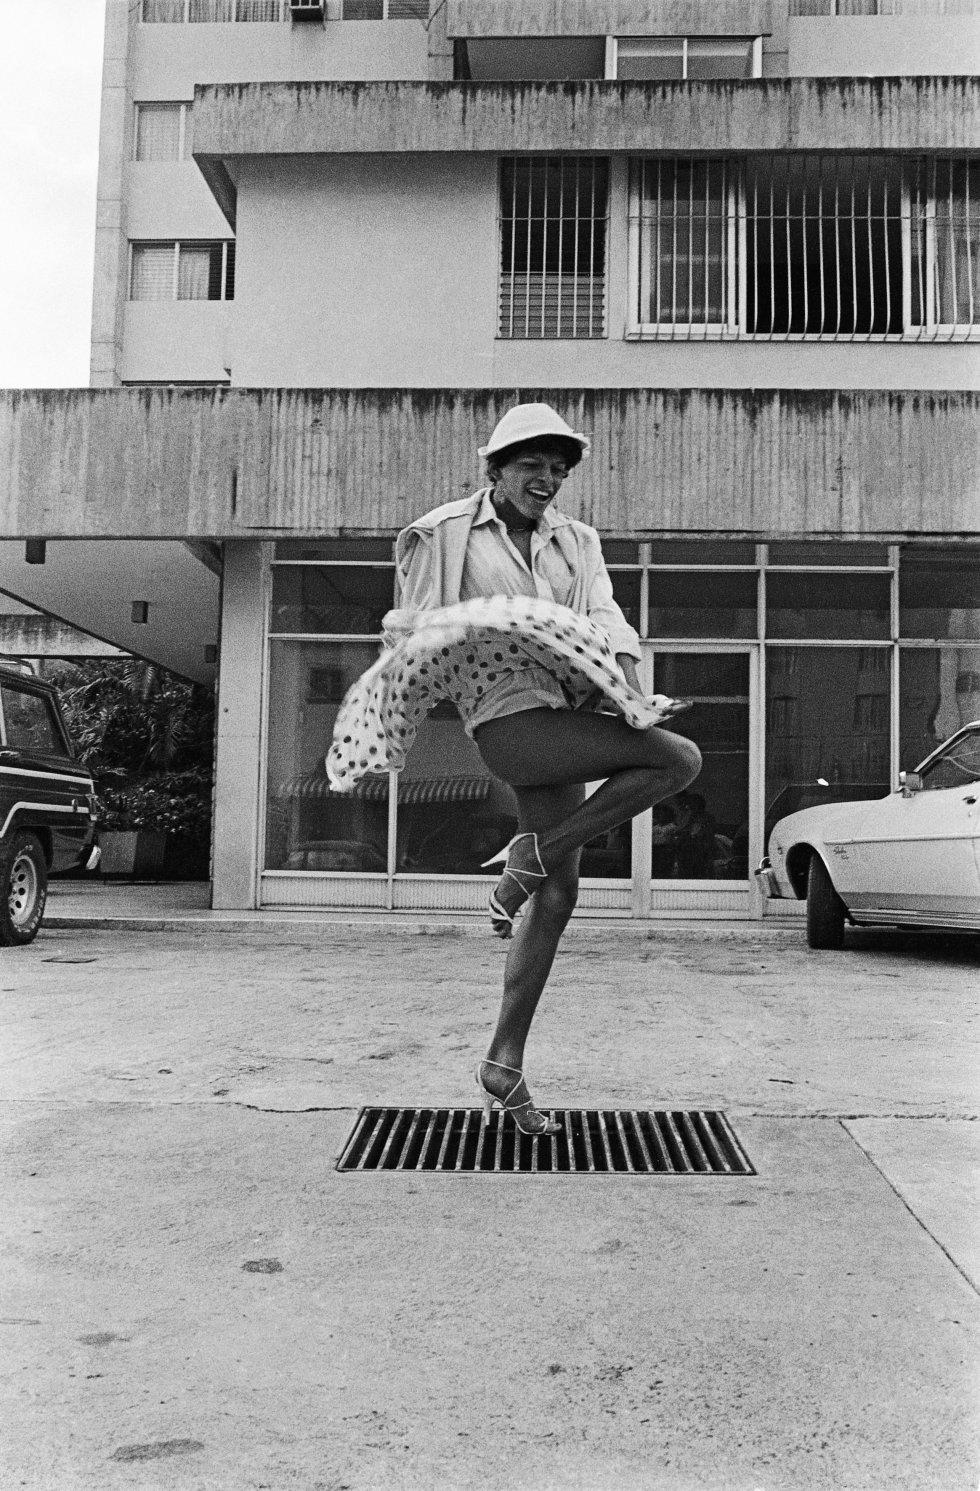 Una de las fotografías incluidas en la muestra para explicar el contexto regional, la escena travesti latinoamericana en los setenta y los ochenta. La imagen pertenece a la serie Las Libertadoras del venezolano Vasco Szinetar sobre las travestís que se prostituían en la avenida Libertadores de Caracas.